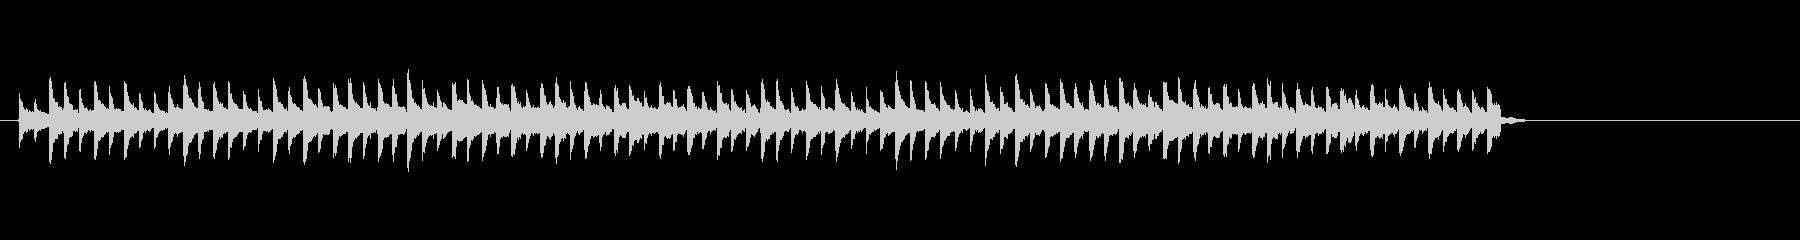 ファイトベルの未再生の波形